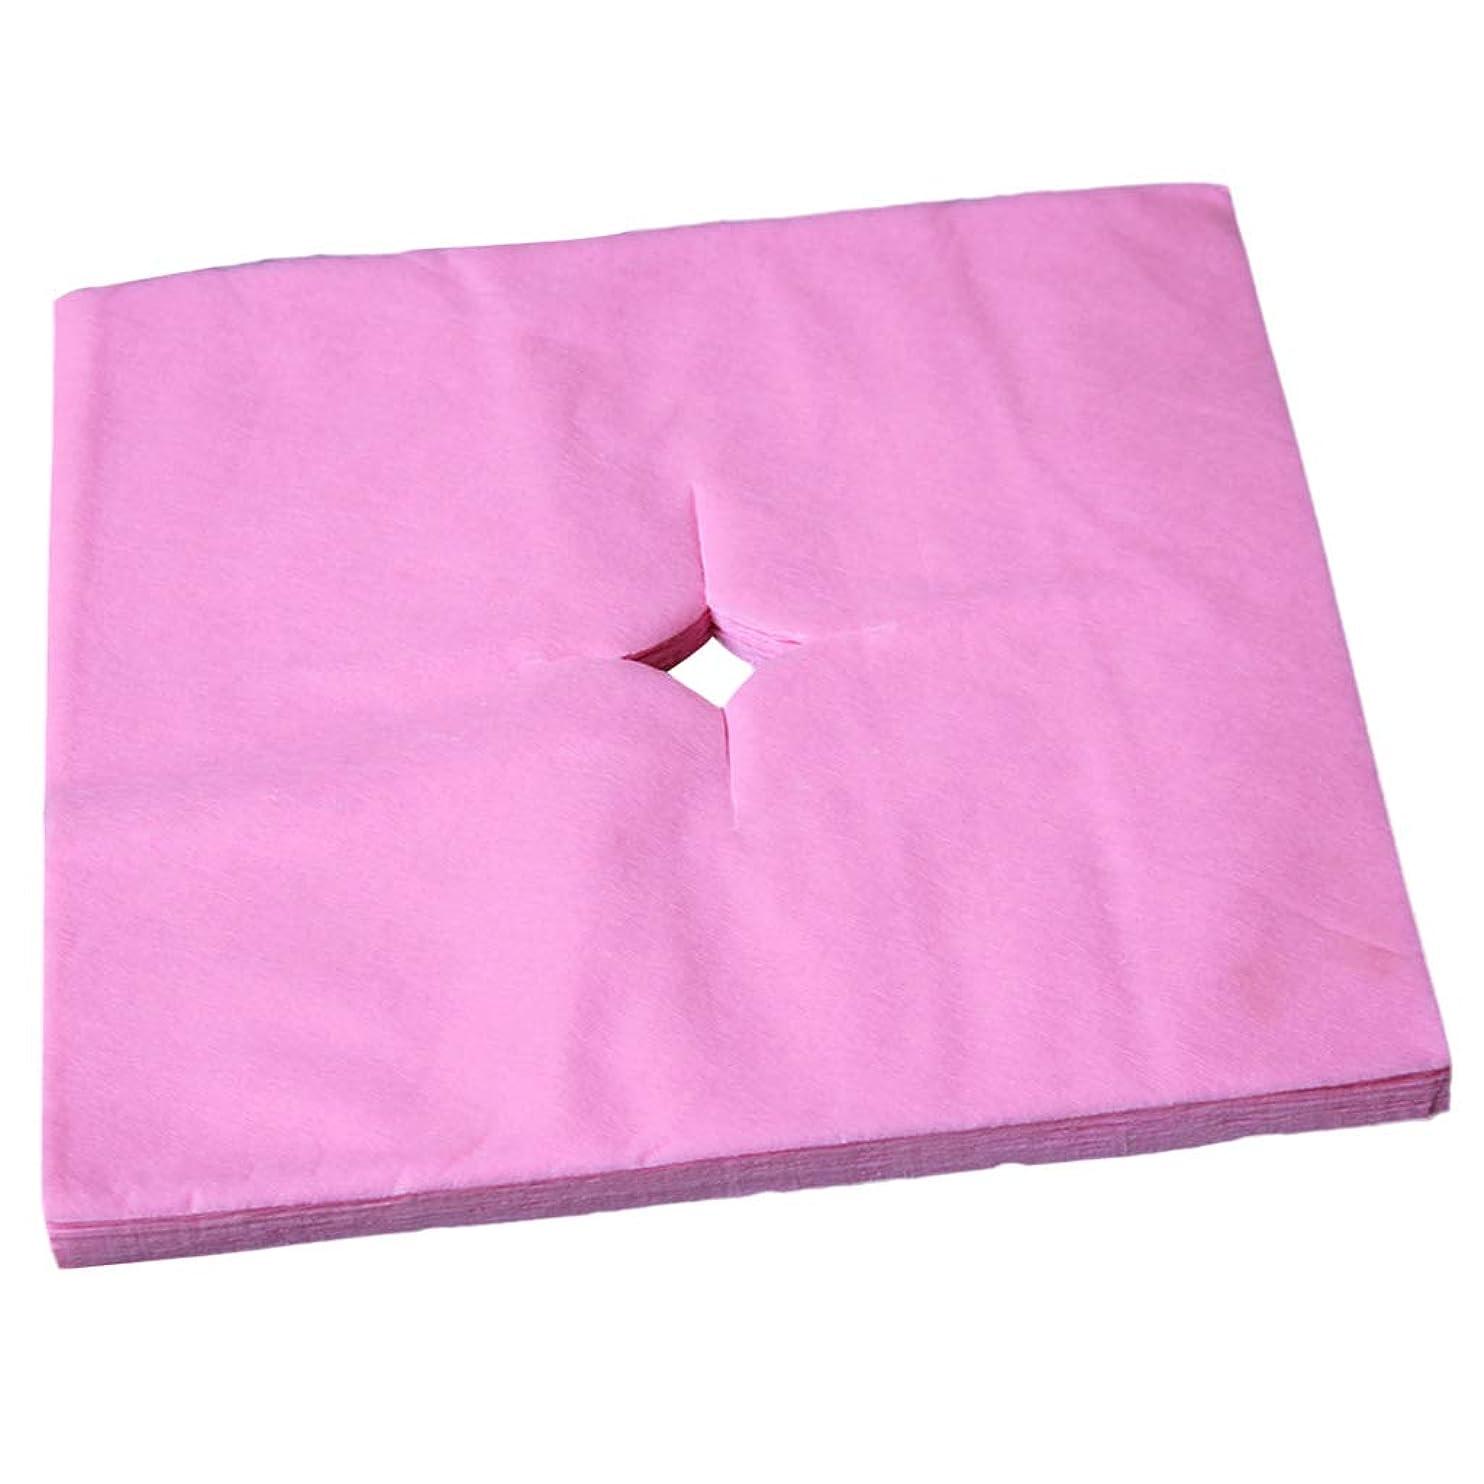 メンタリティ決済家dailymall 100ピース/個スパサロン使い捨てマッサージフェイスレストクッションカバークレードルシートクロスカットホール - ピンク